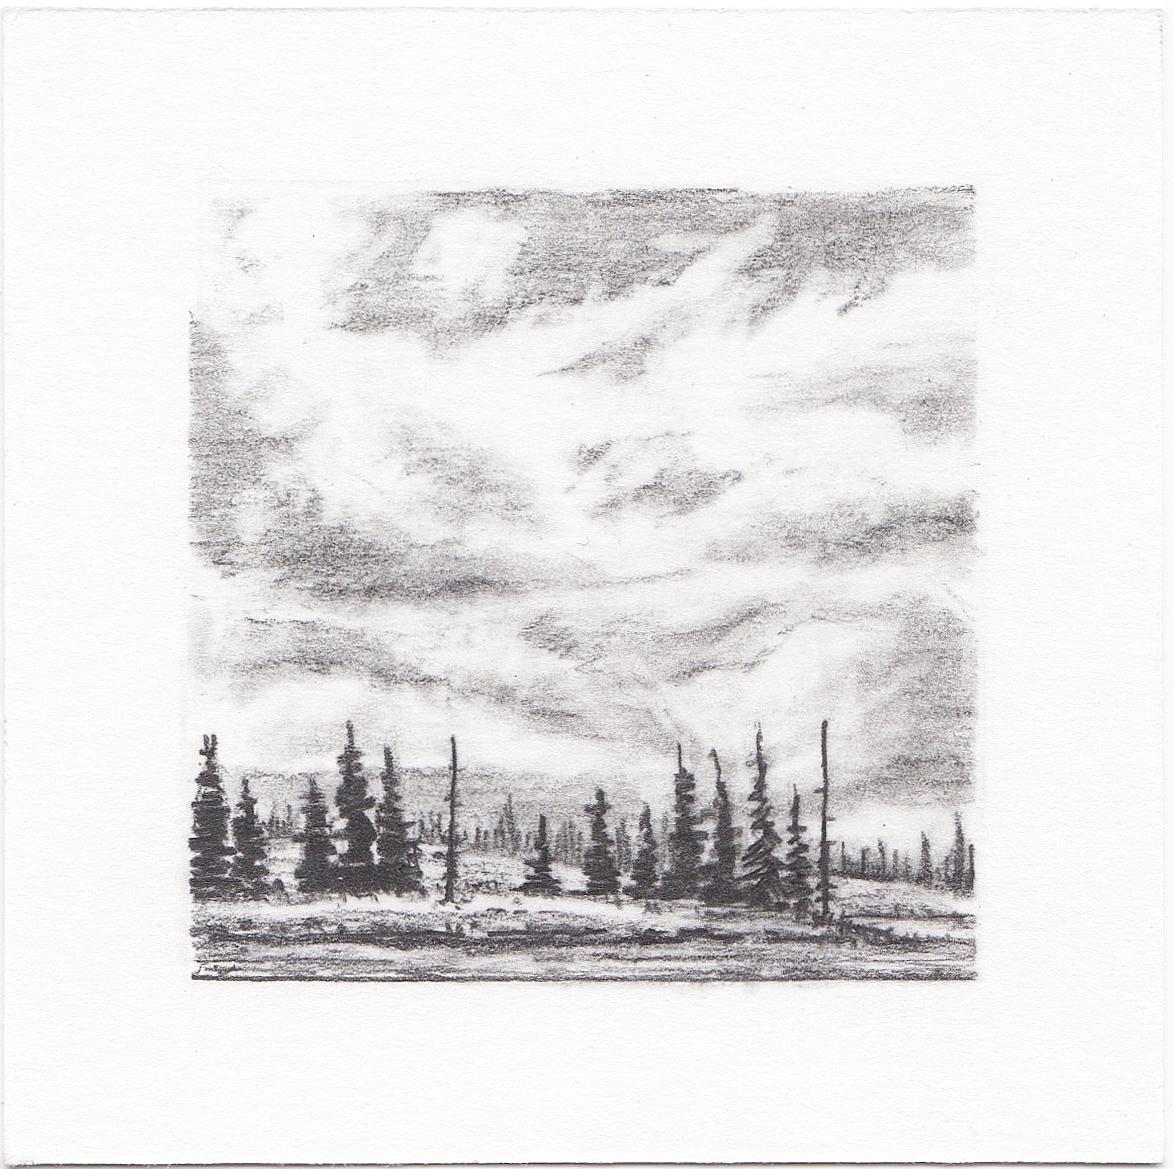 #18 Long Lake, Uinta Mountains, Utah | 3x3 | graphite